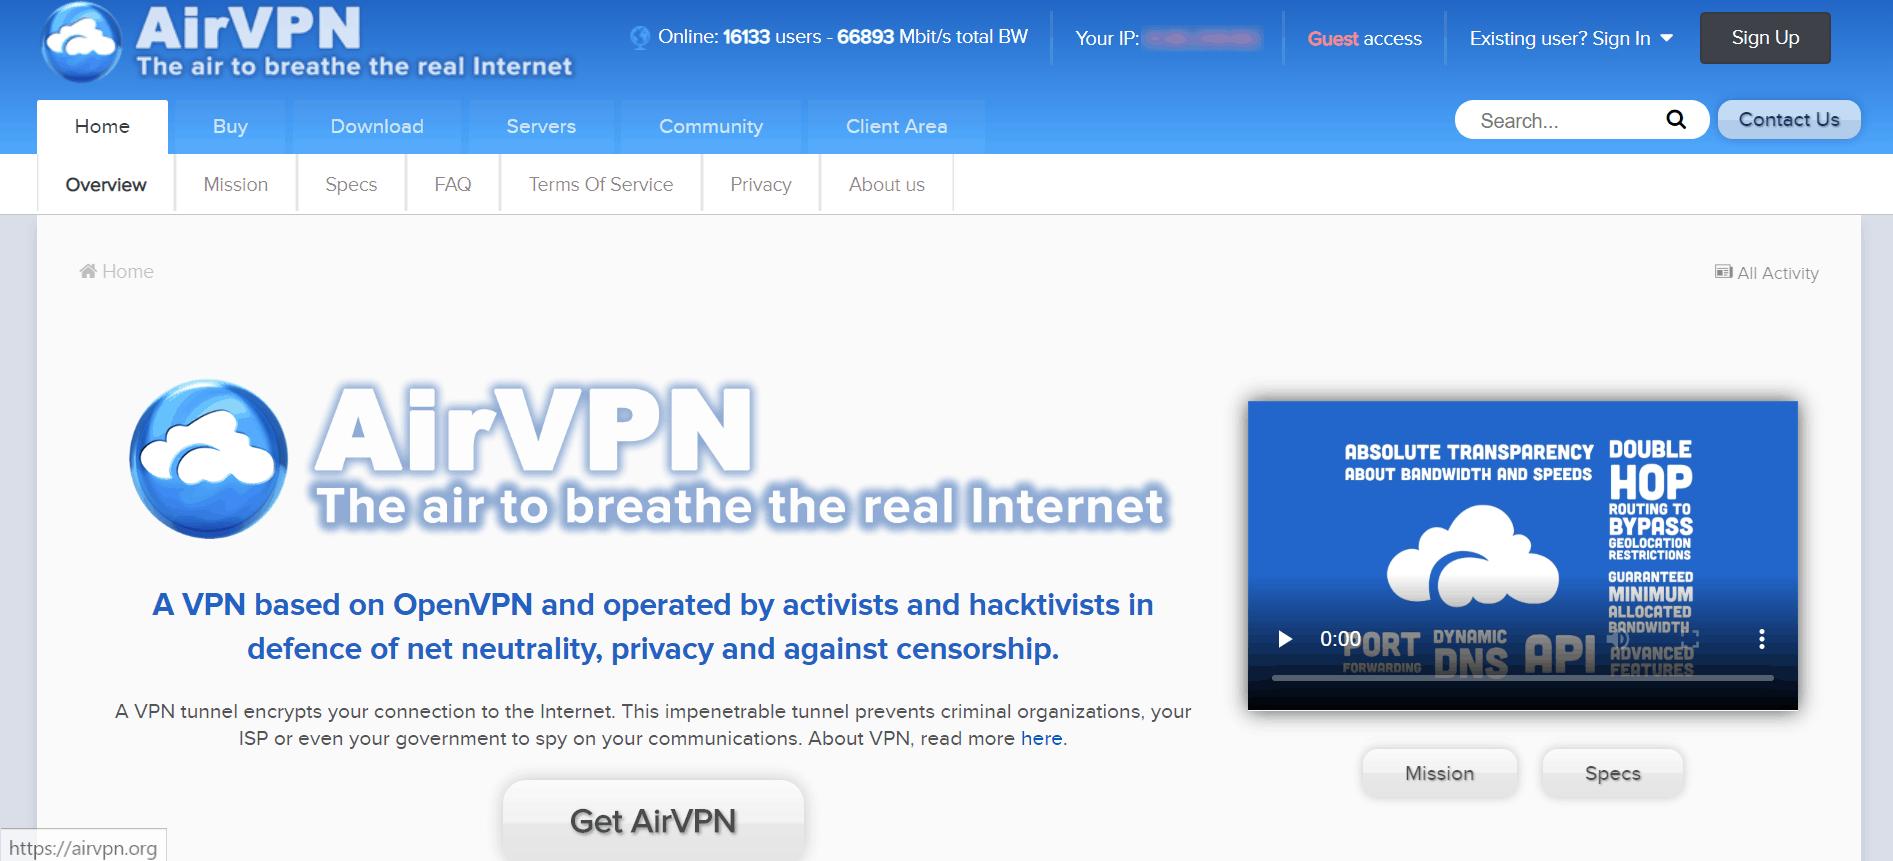 Oesterreich VPN AirVPN Startseite